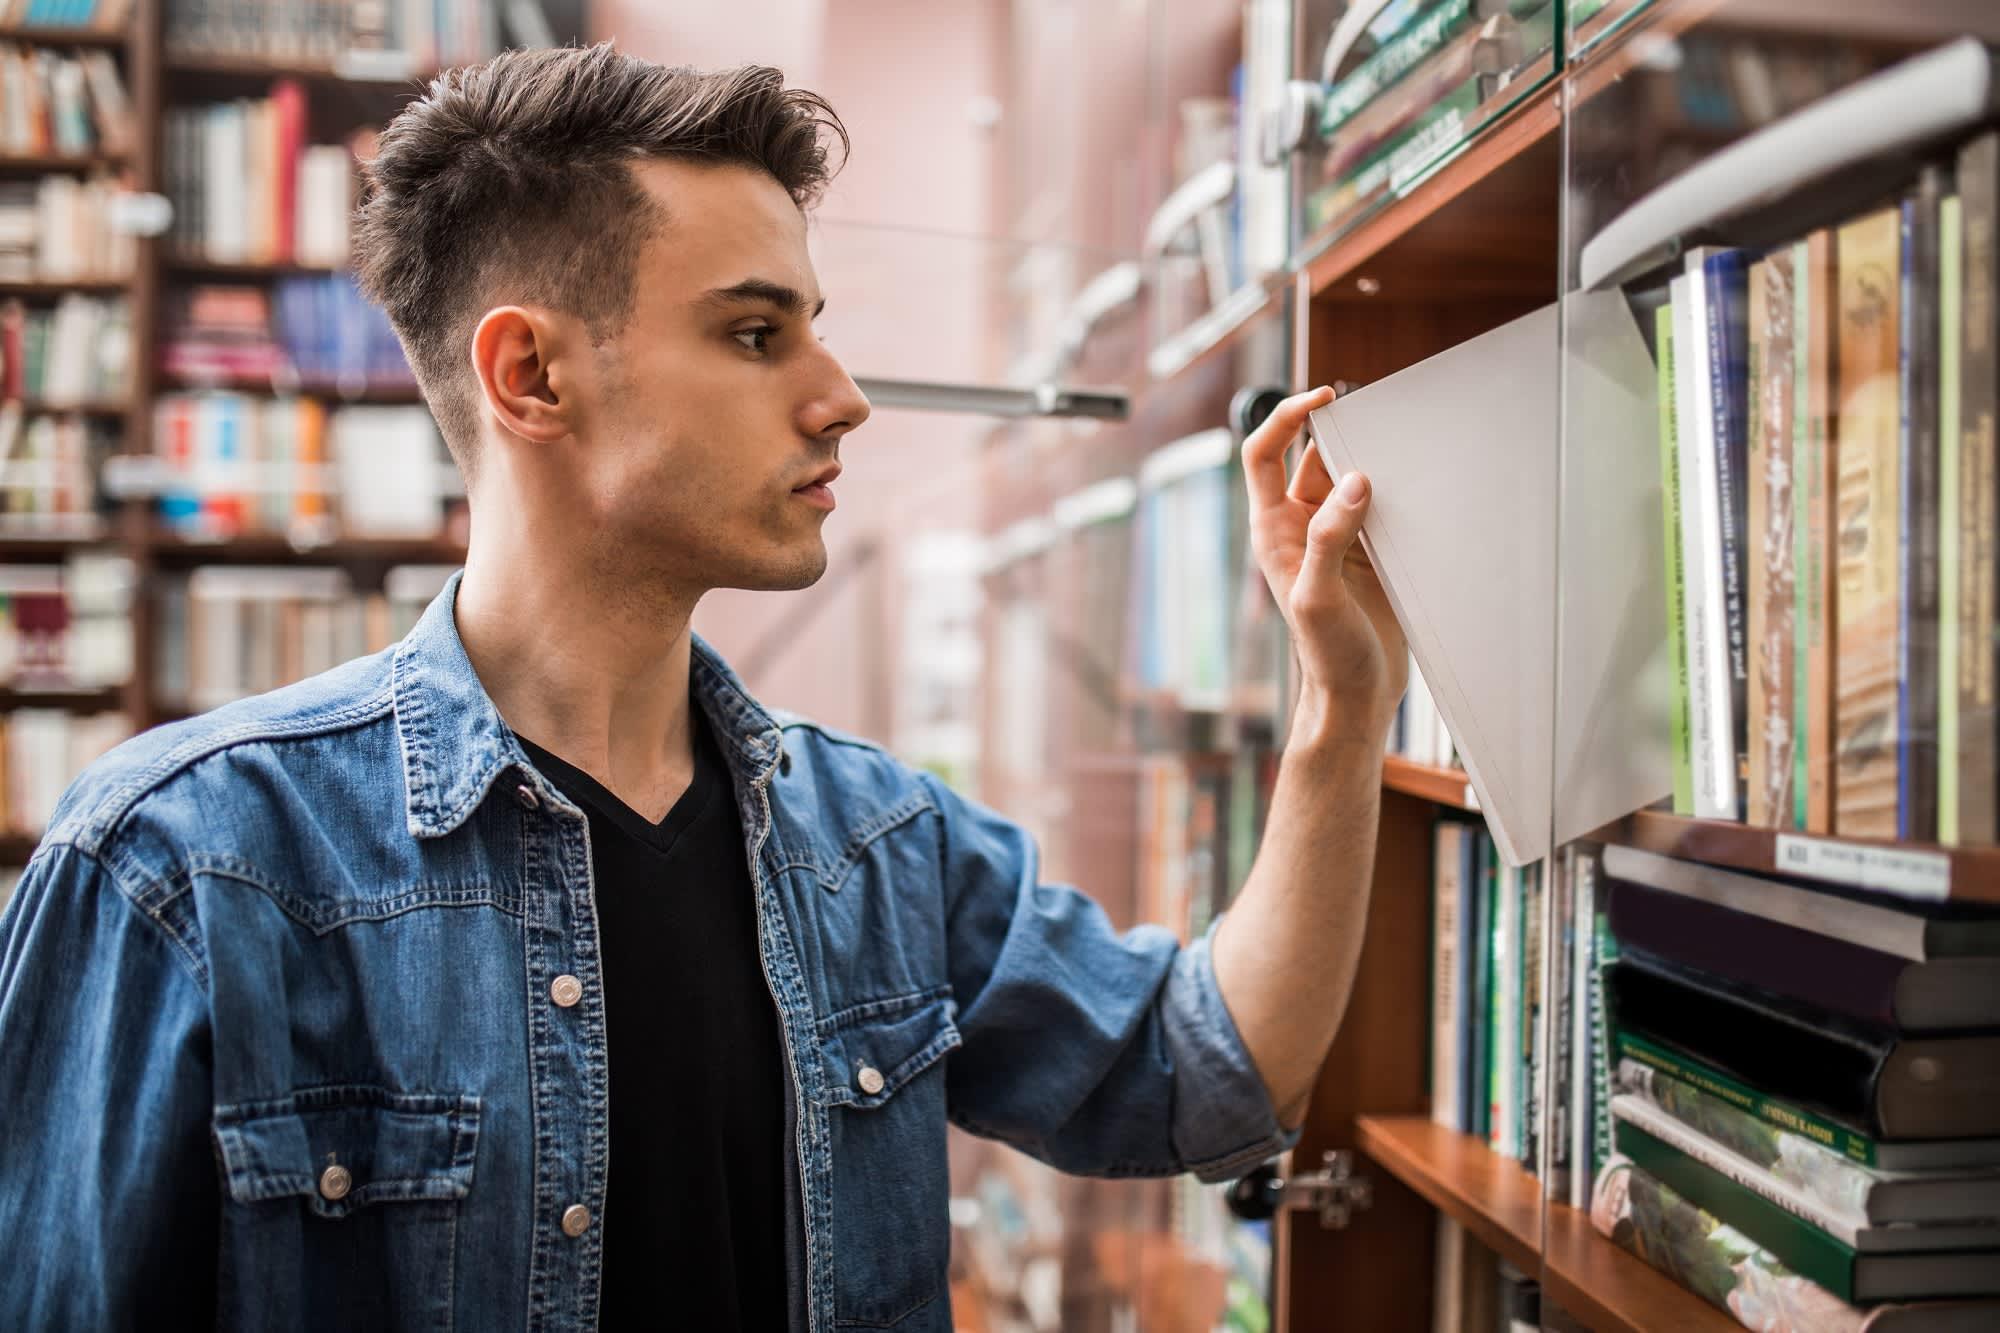 Cân nhắc mục tiêu hiện tại của bản thân để lựa chọn các tài liệu học tập phù hợp